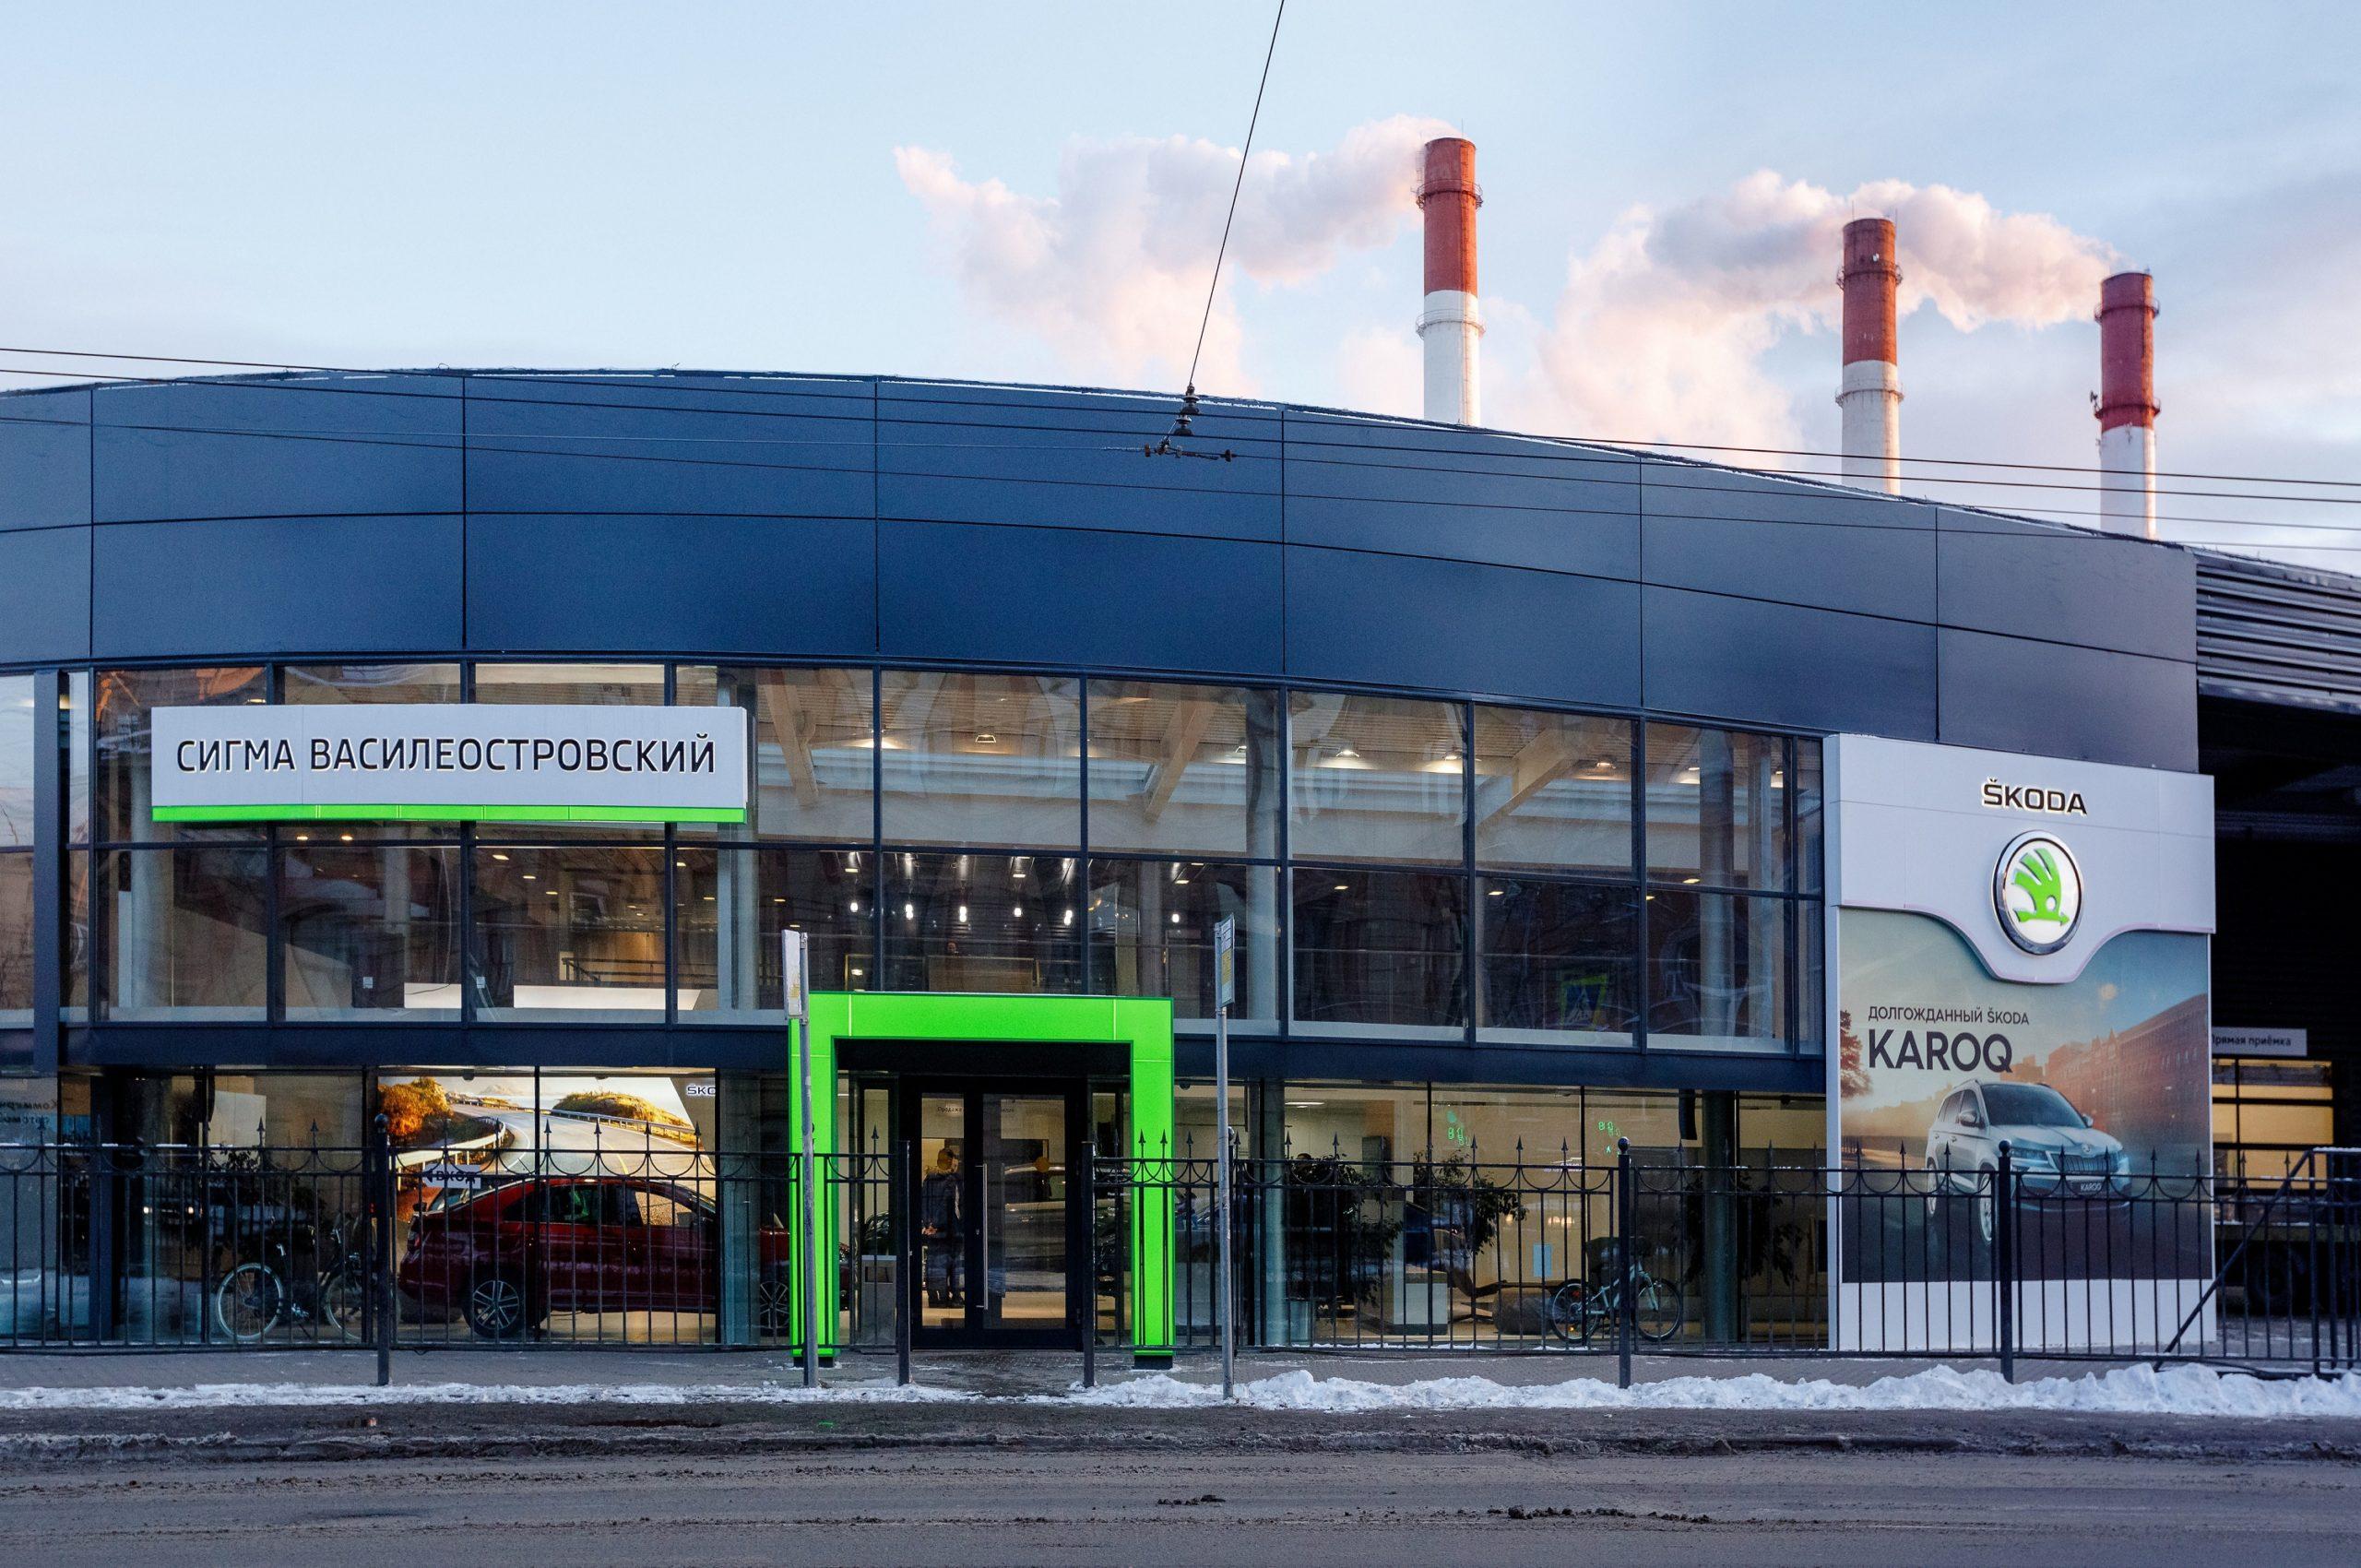 Первый интерактивный шоу-рум ŠKODA Сигма Василеостровский открывается в Петербурге